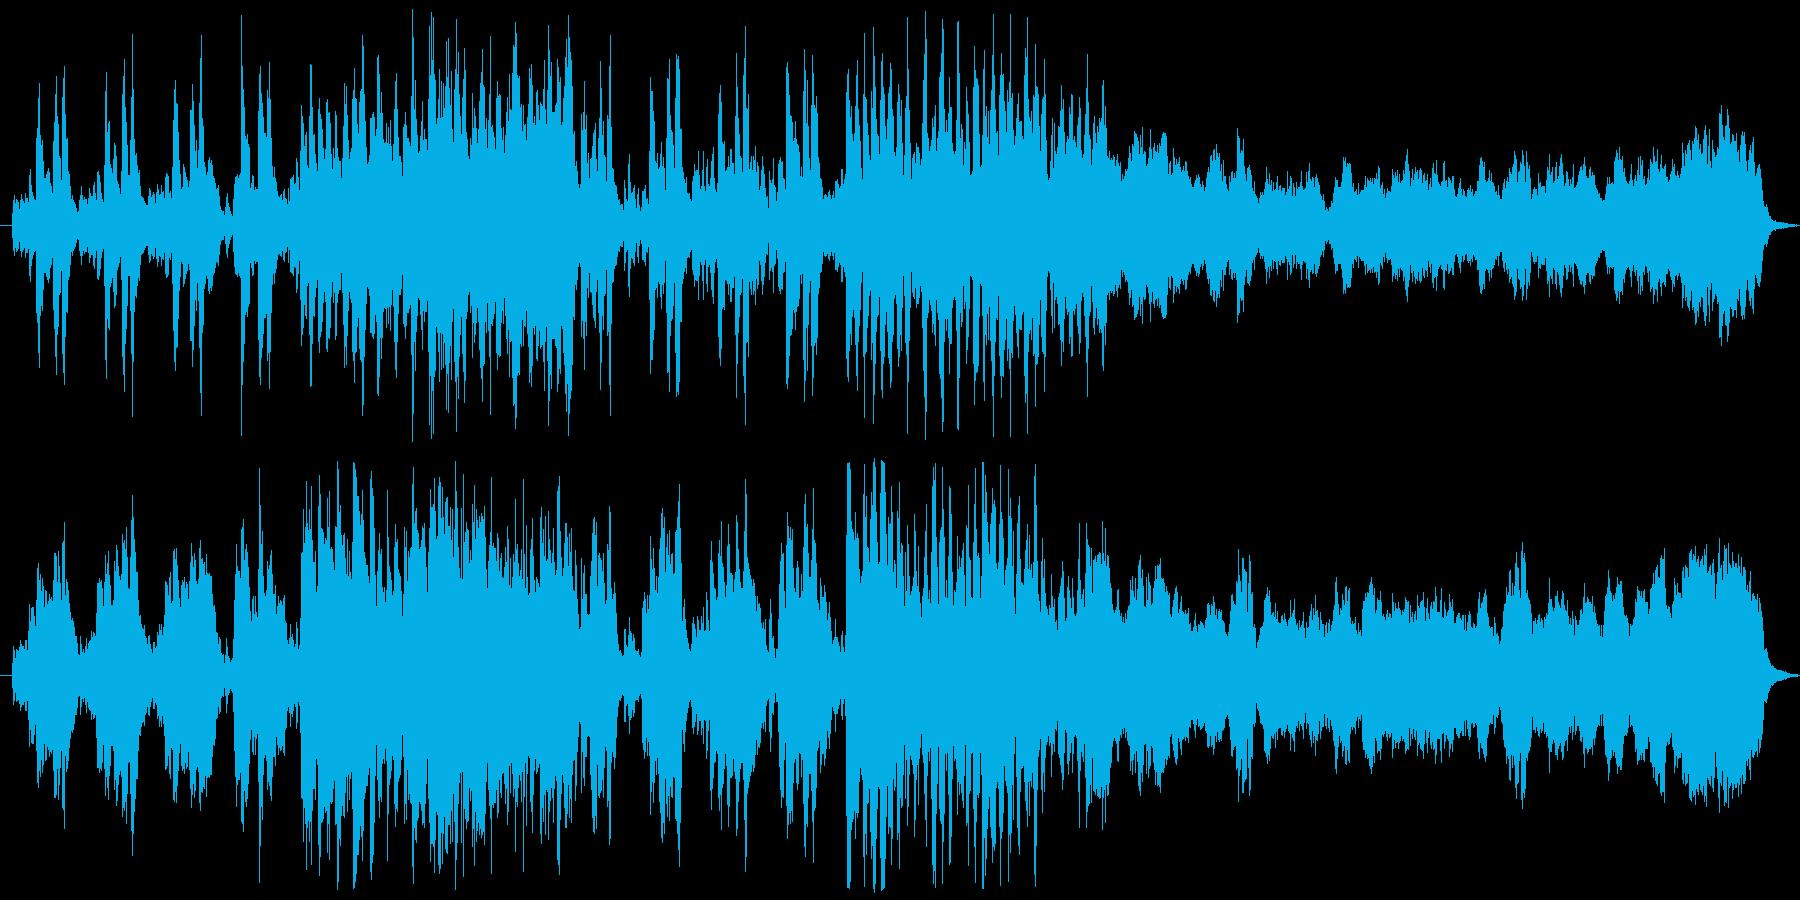 楽しげな様子を表したオーケストラ曲の再生済みの波形